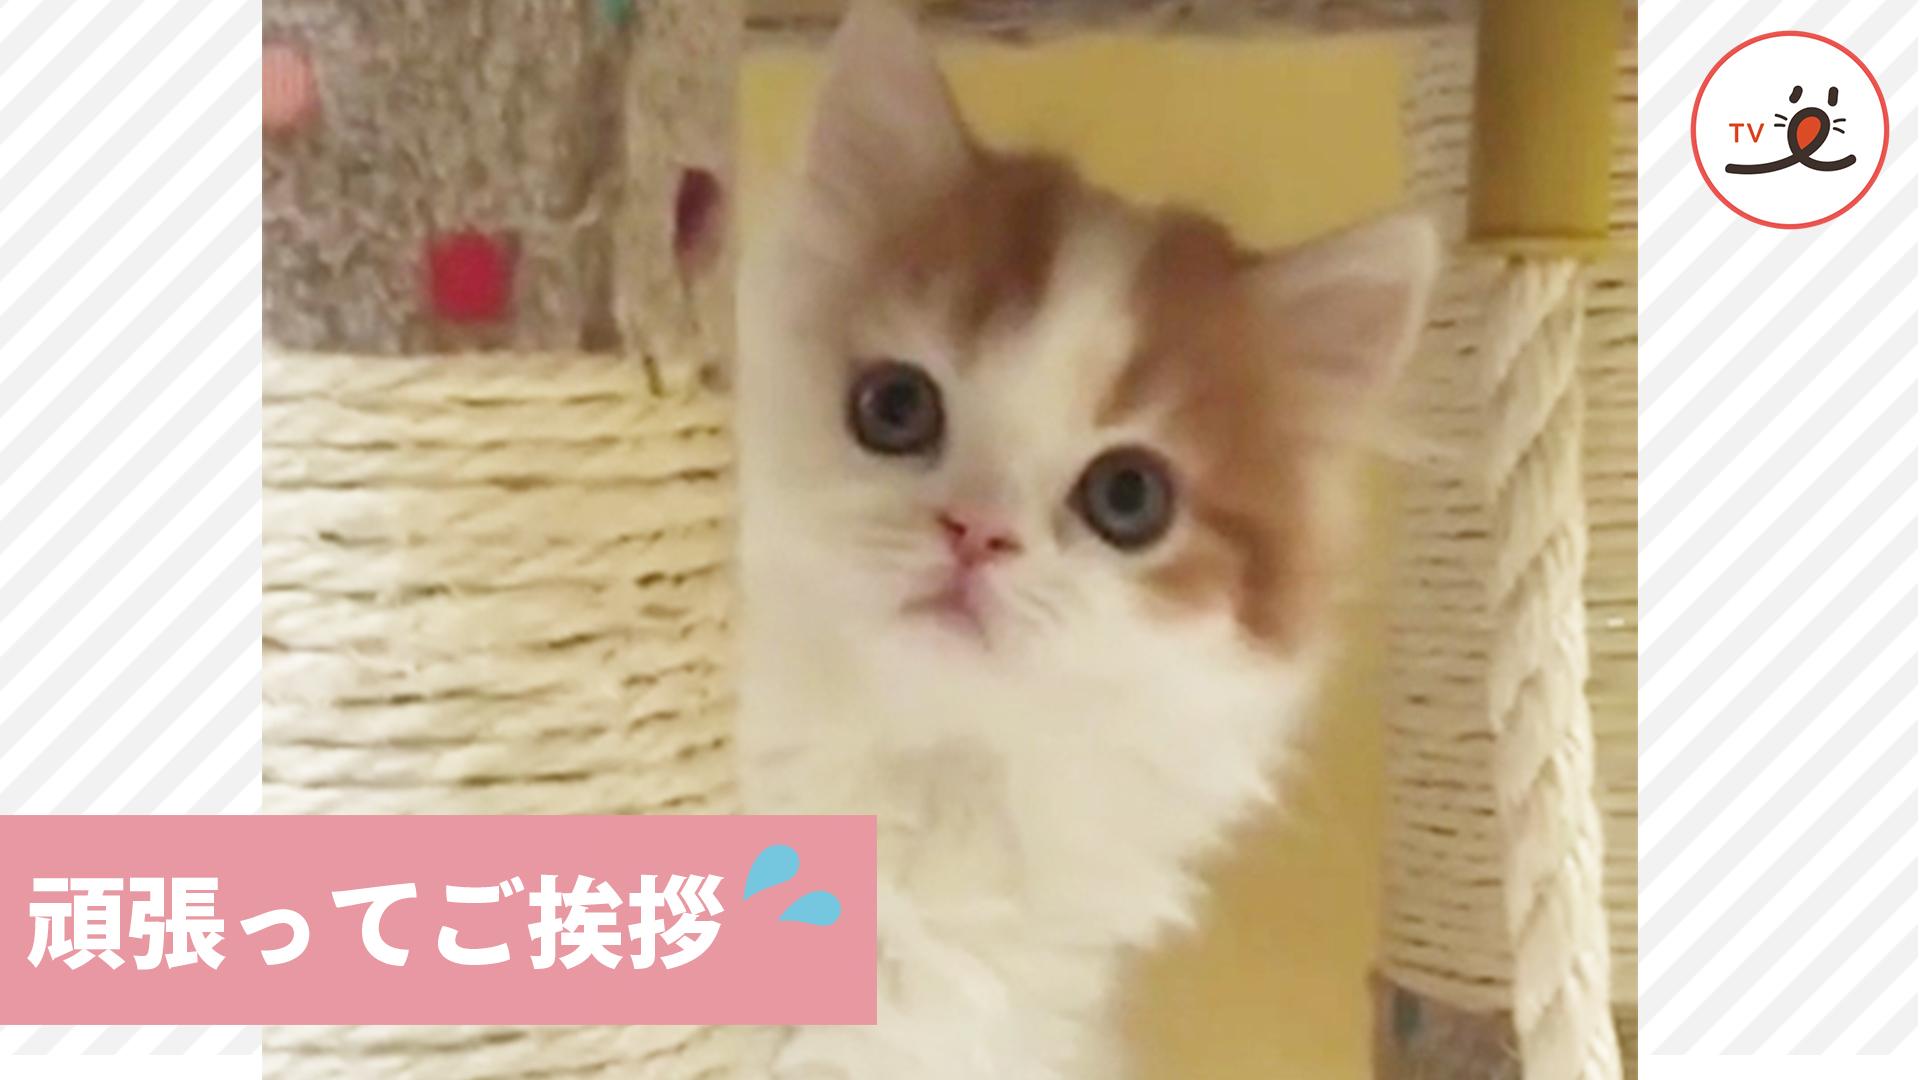 シャイな子猫ちゃんが勇気を出してご挨拶します♡